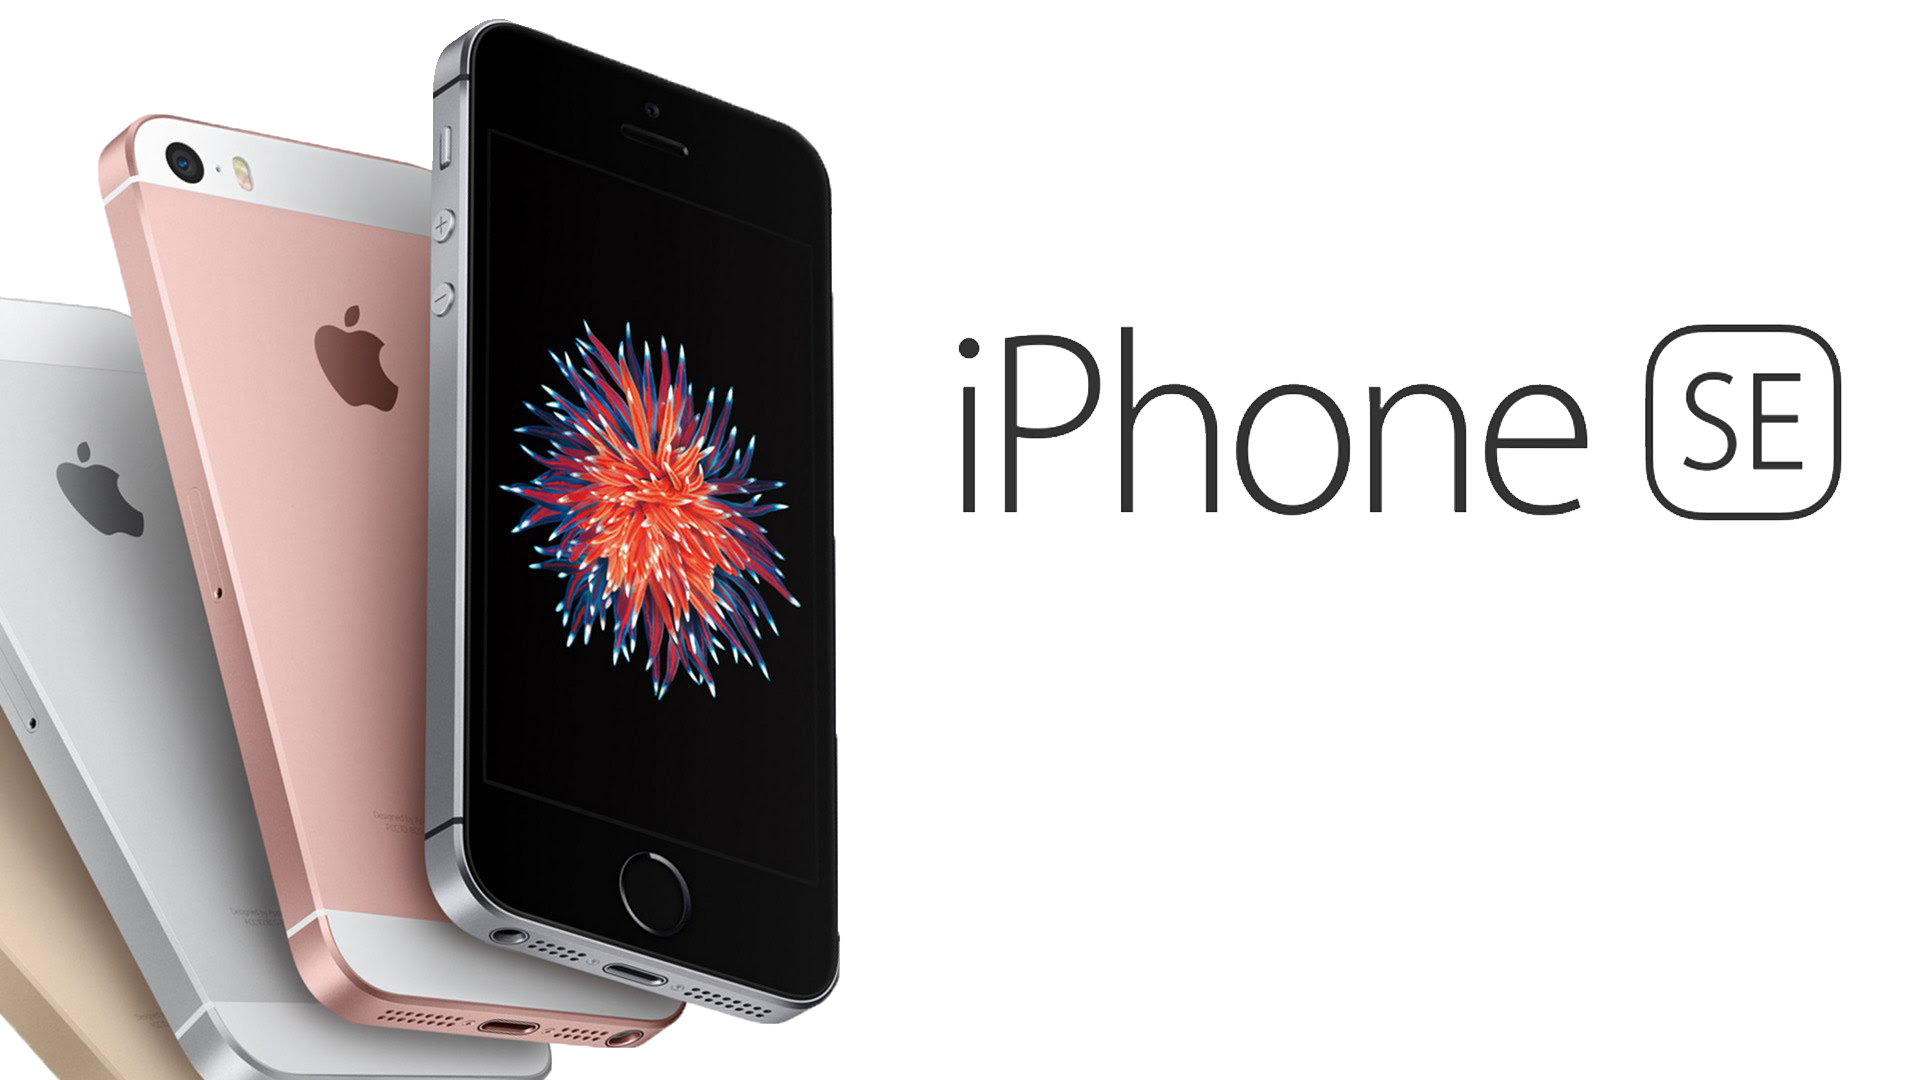 5-in-the-Best-Smartphones-of-2016-List-iPhone-SE